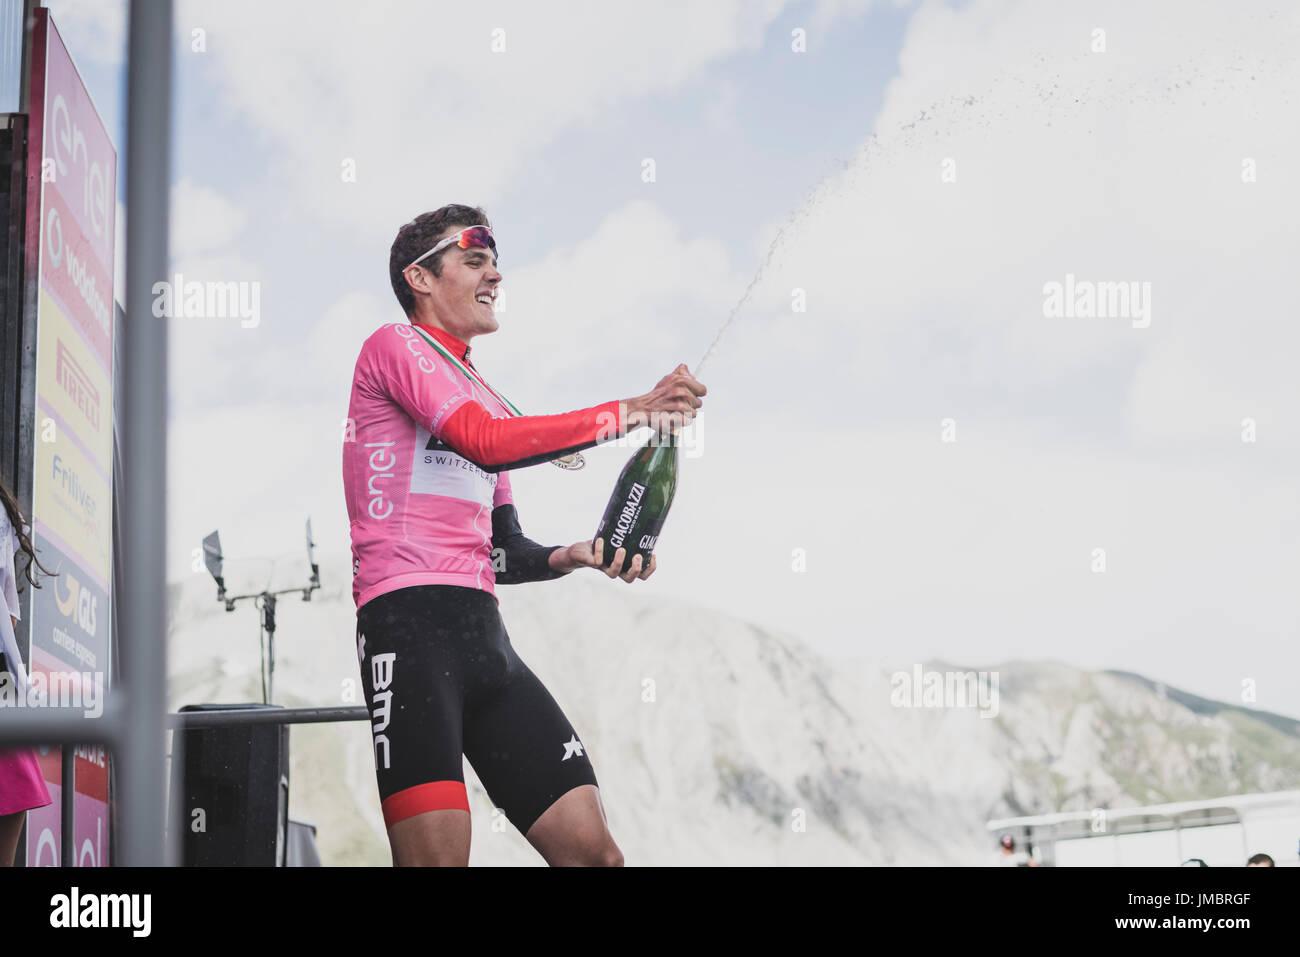 Pavel Sivakov celebra una victoria total en el 2017 en el Giro d'Italia Ciclistico para jinetes menores de 23. Imagen De Stock